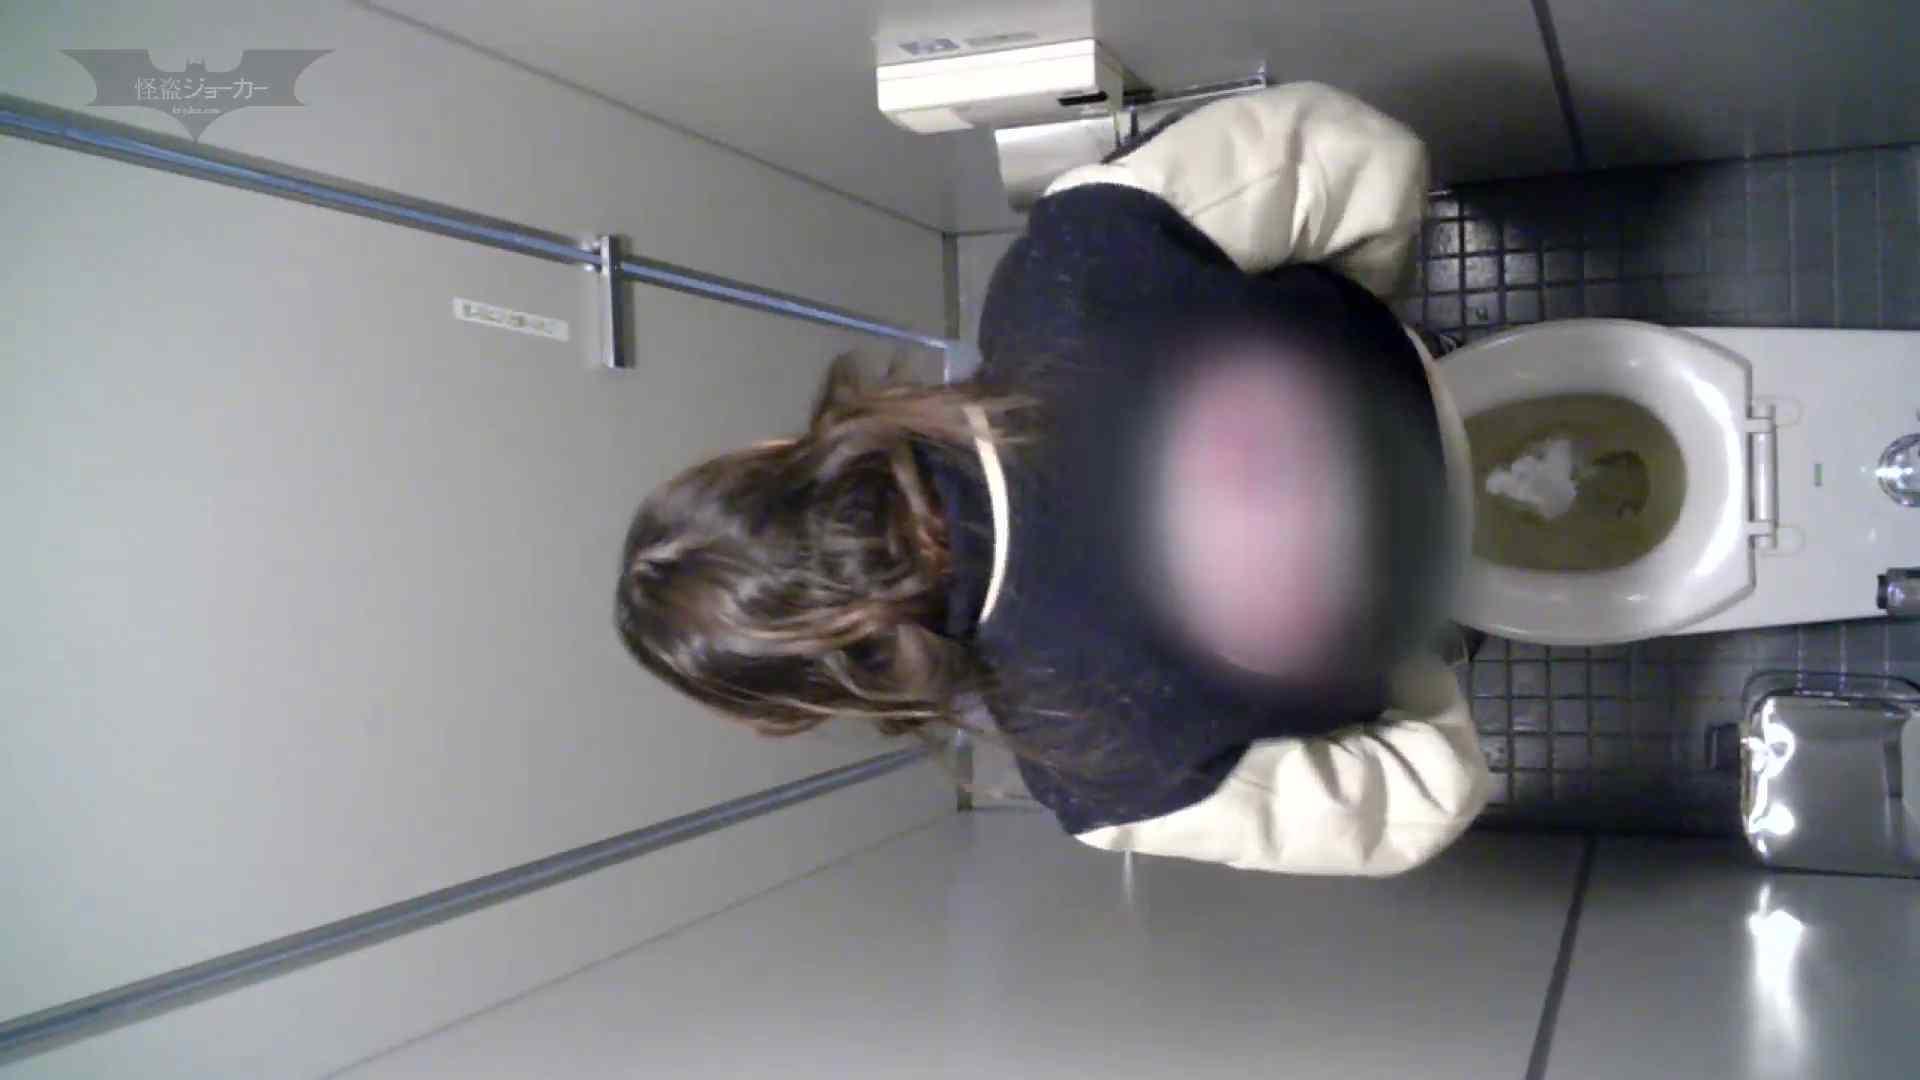 有名大学女性洗面所 vol.58 アンダーヘアーも冬支度? 排泄 オメコ無修正動画無料 69画像 19